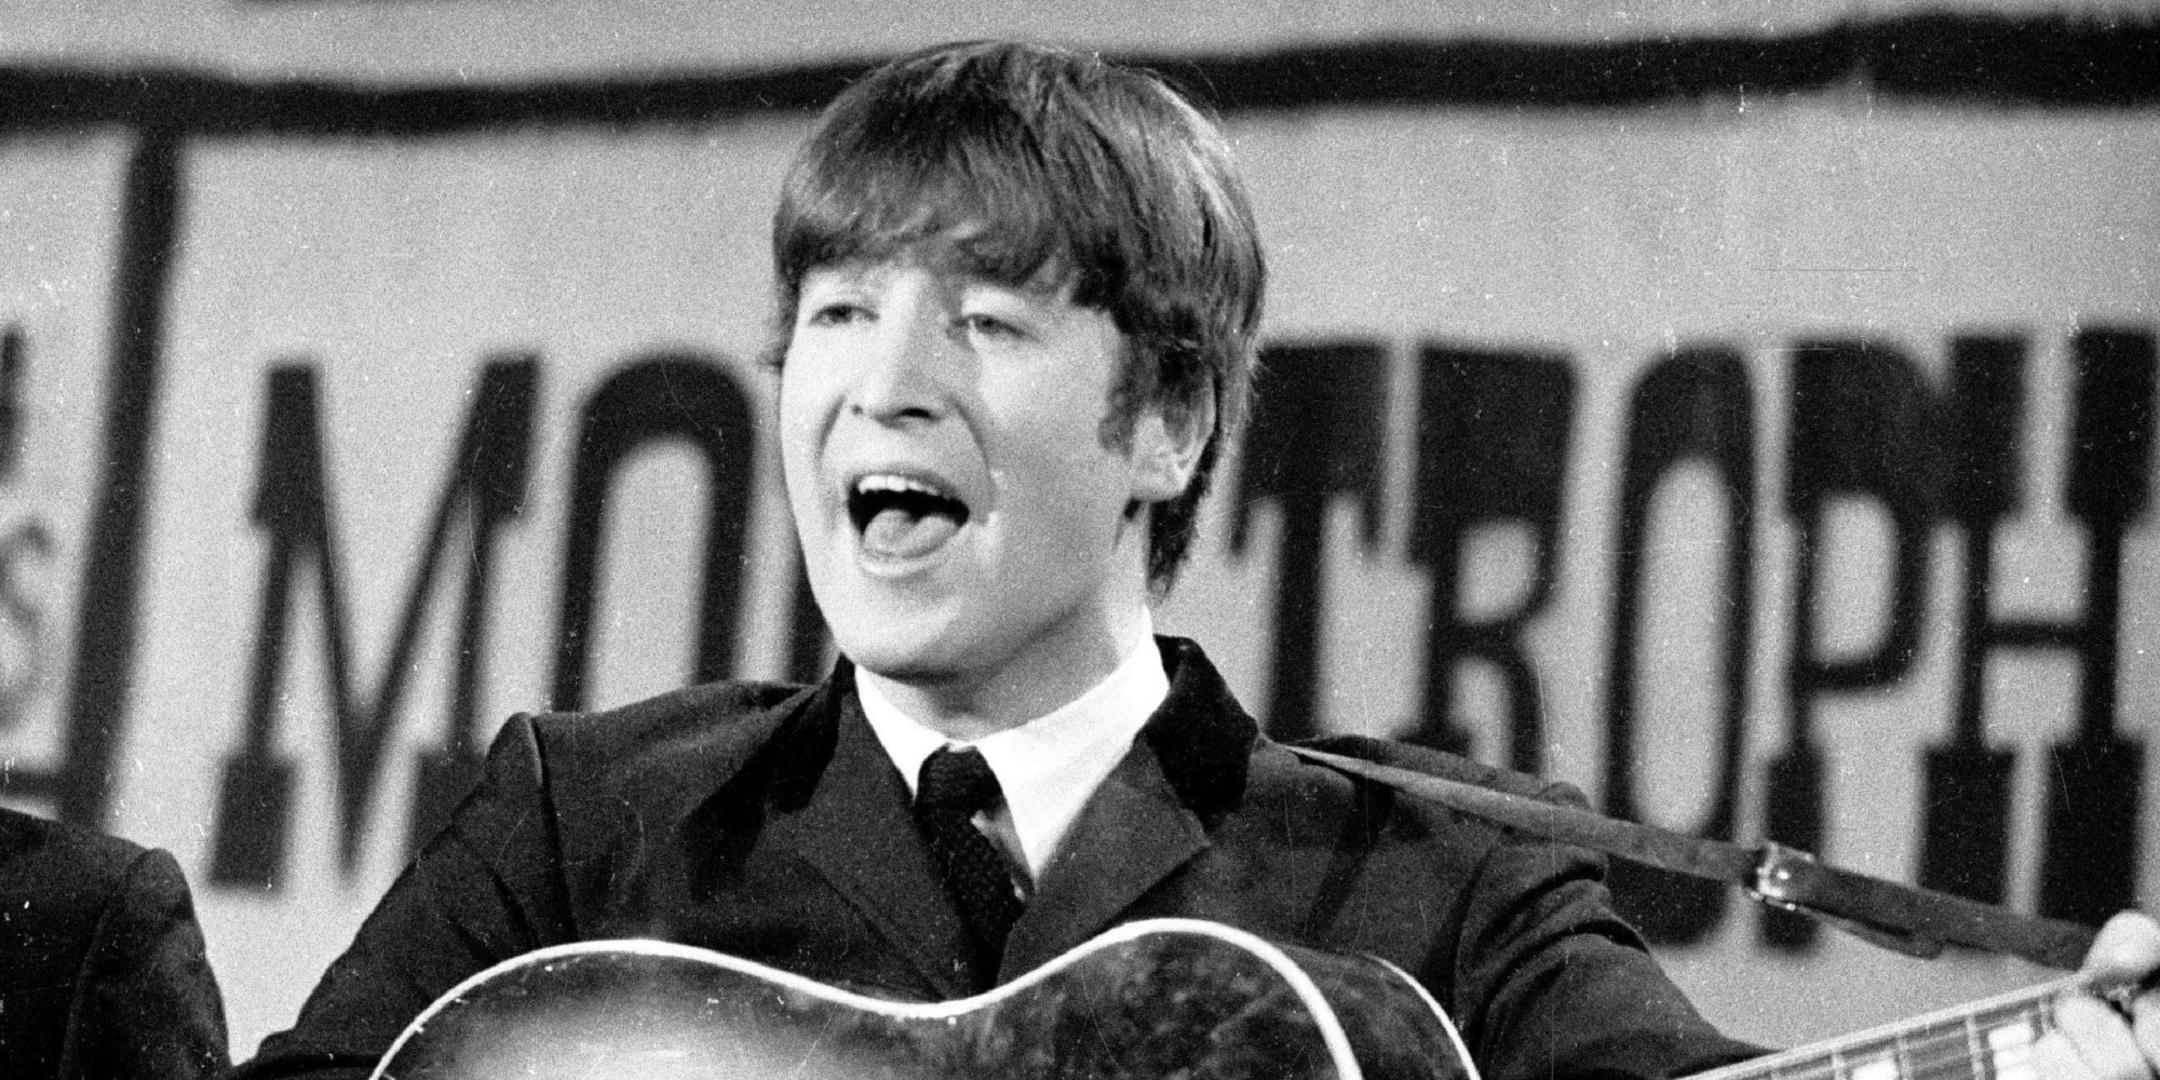 John Lennon For Desktop